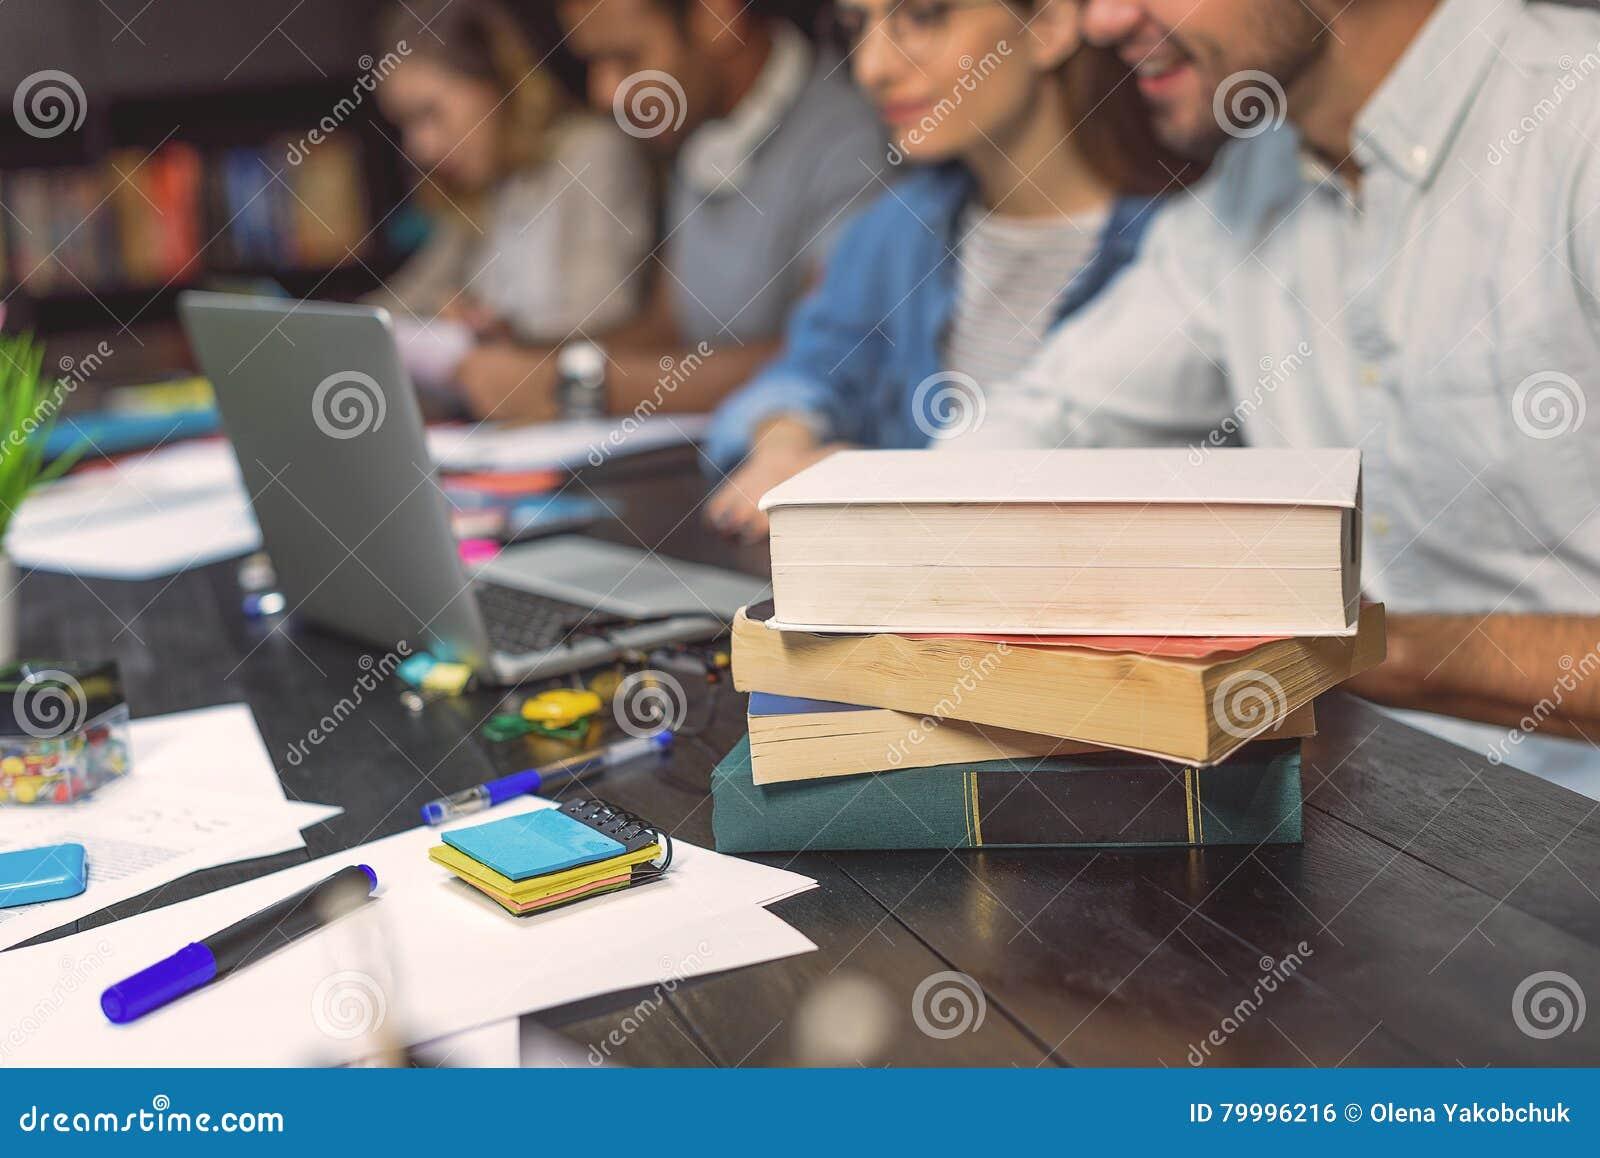 Studenti di college che si siedono insieme e che studiano